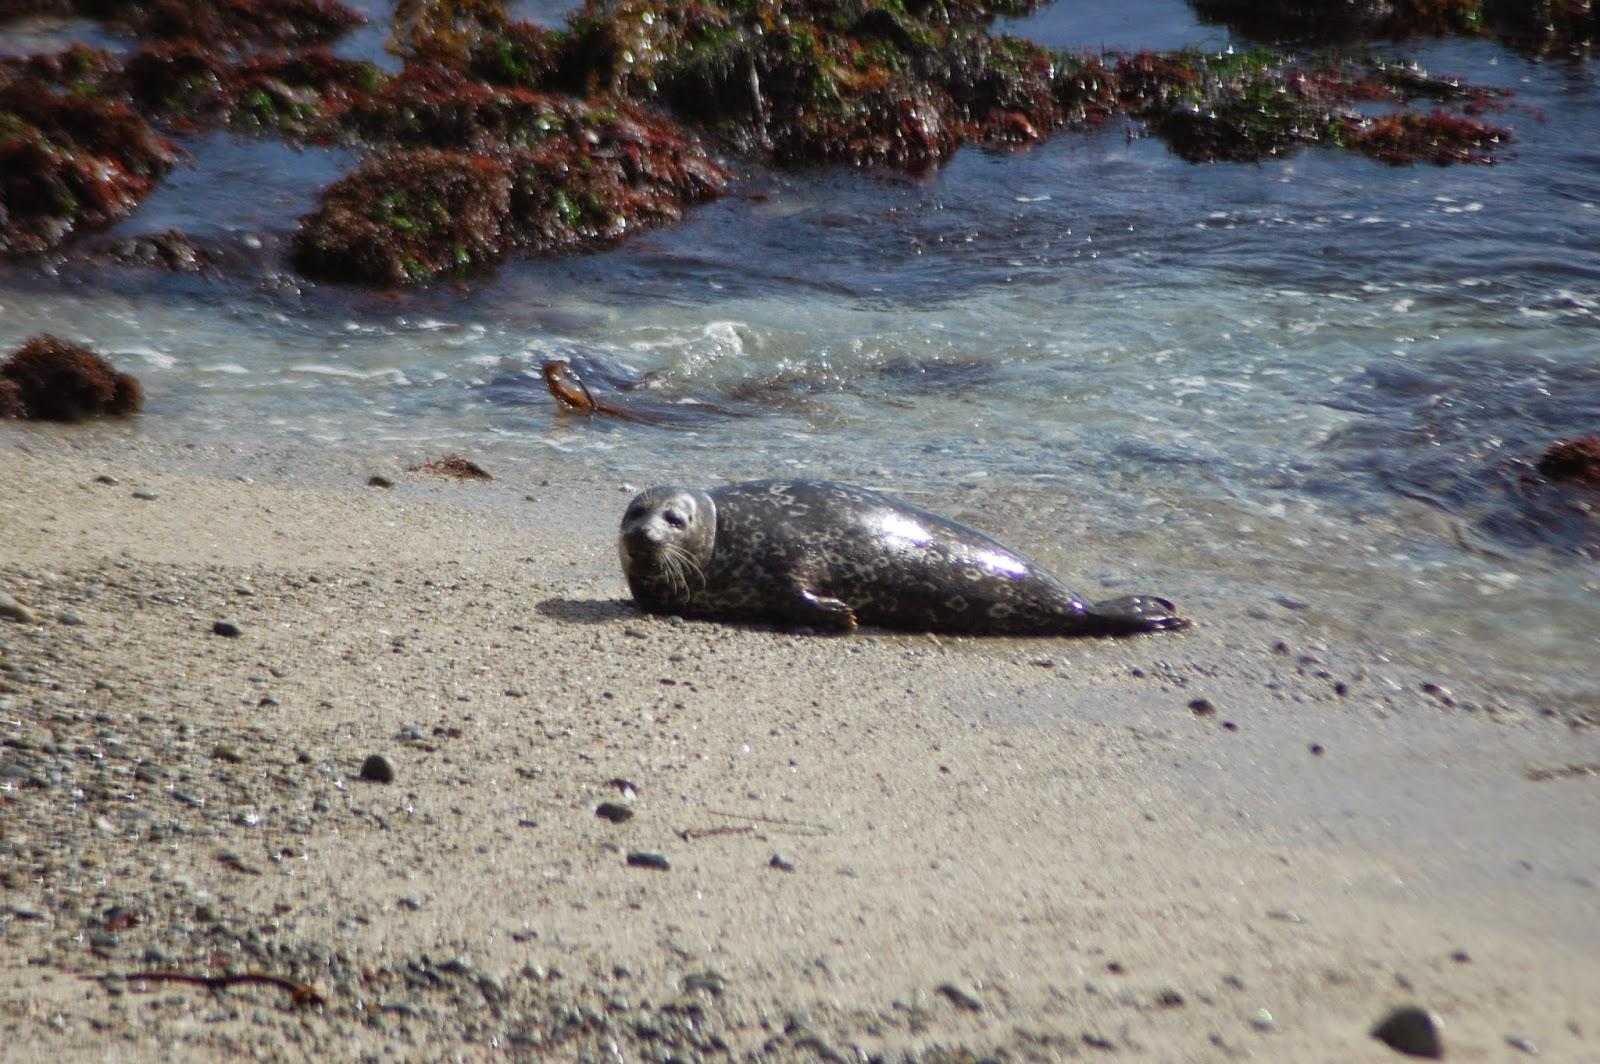 Un des phoque rencontré sur la 17 miles drive